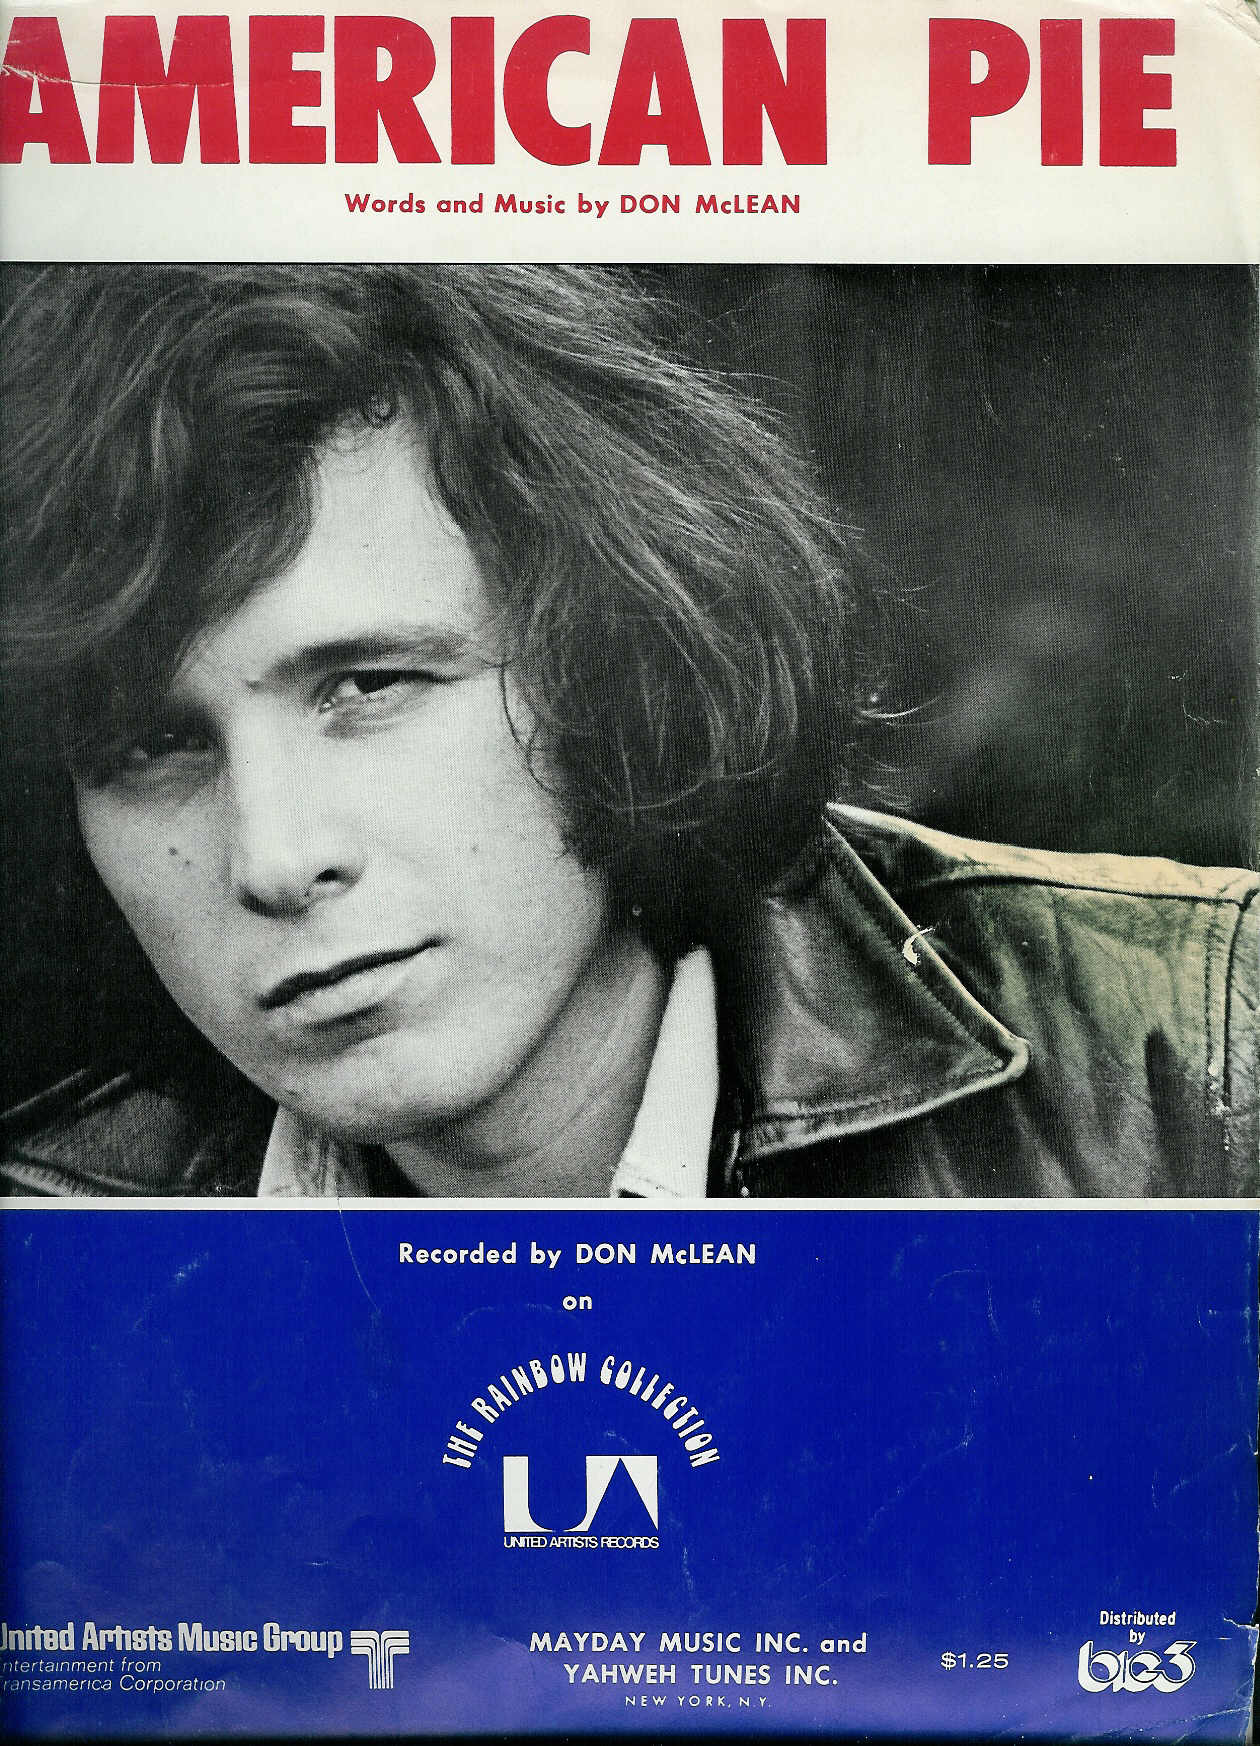 December 4, 1971 ZP8eTG